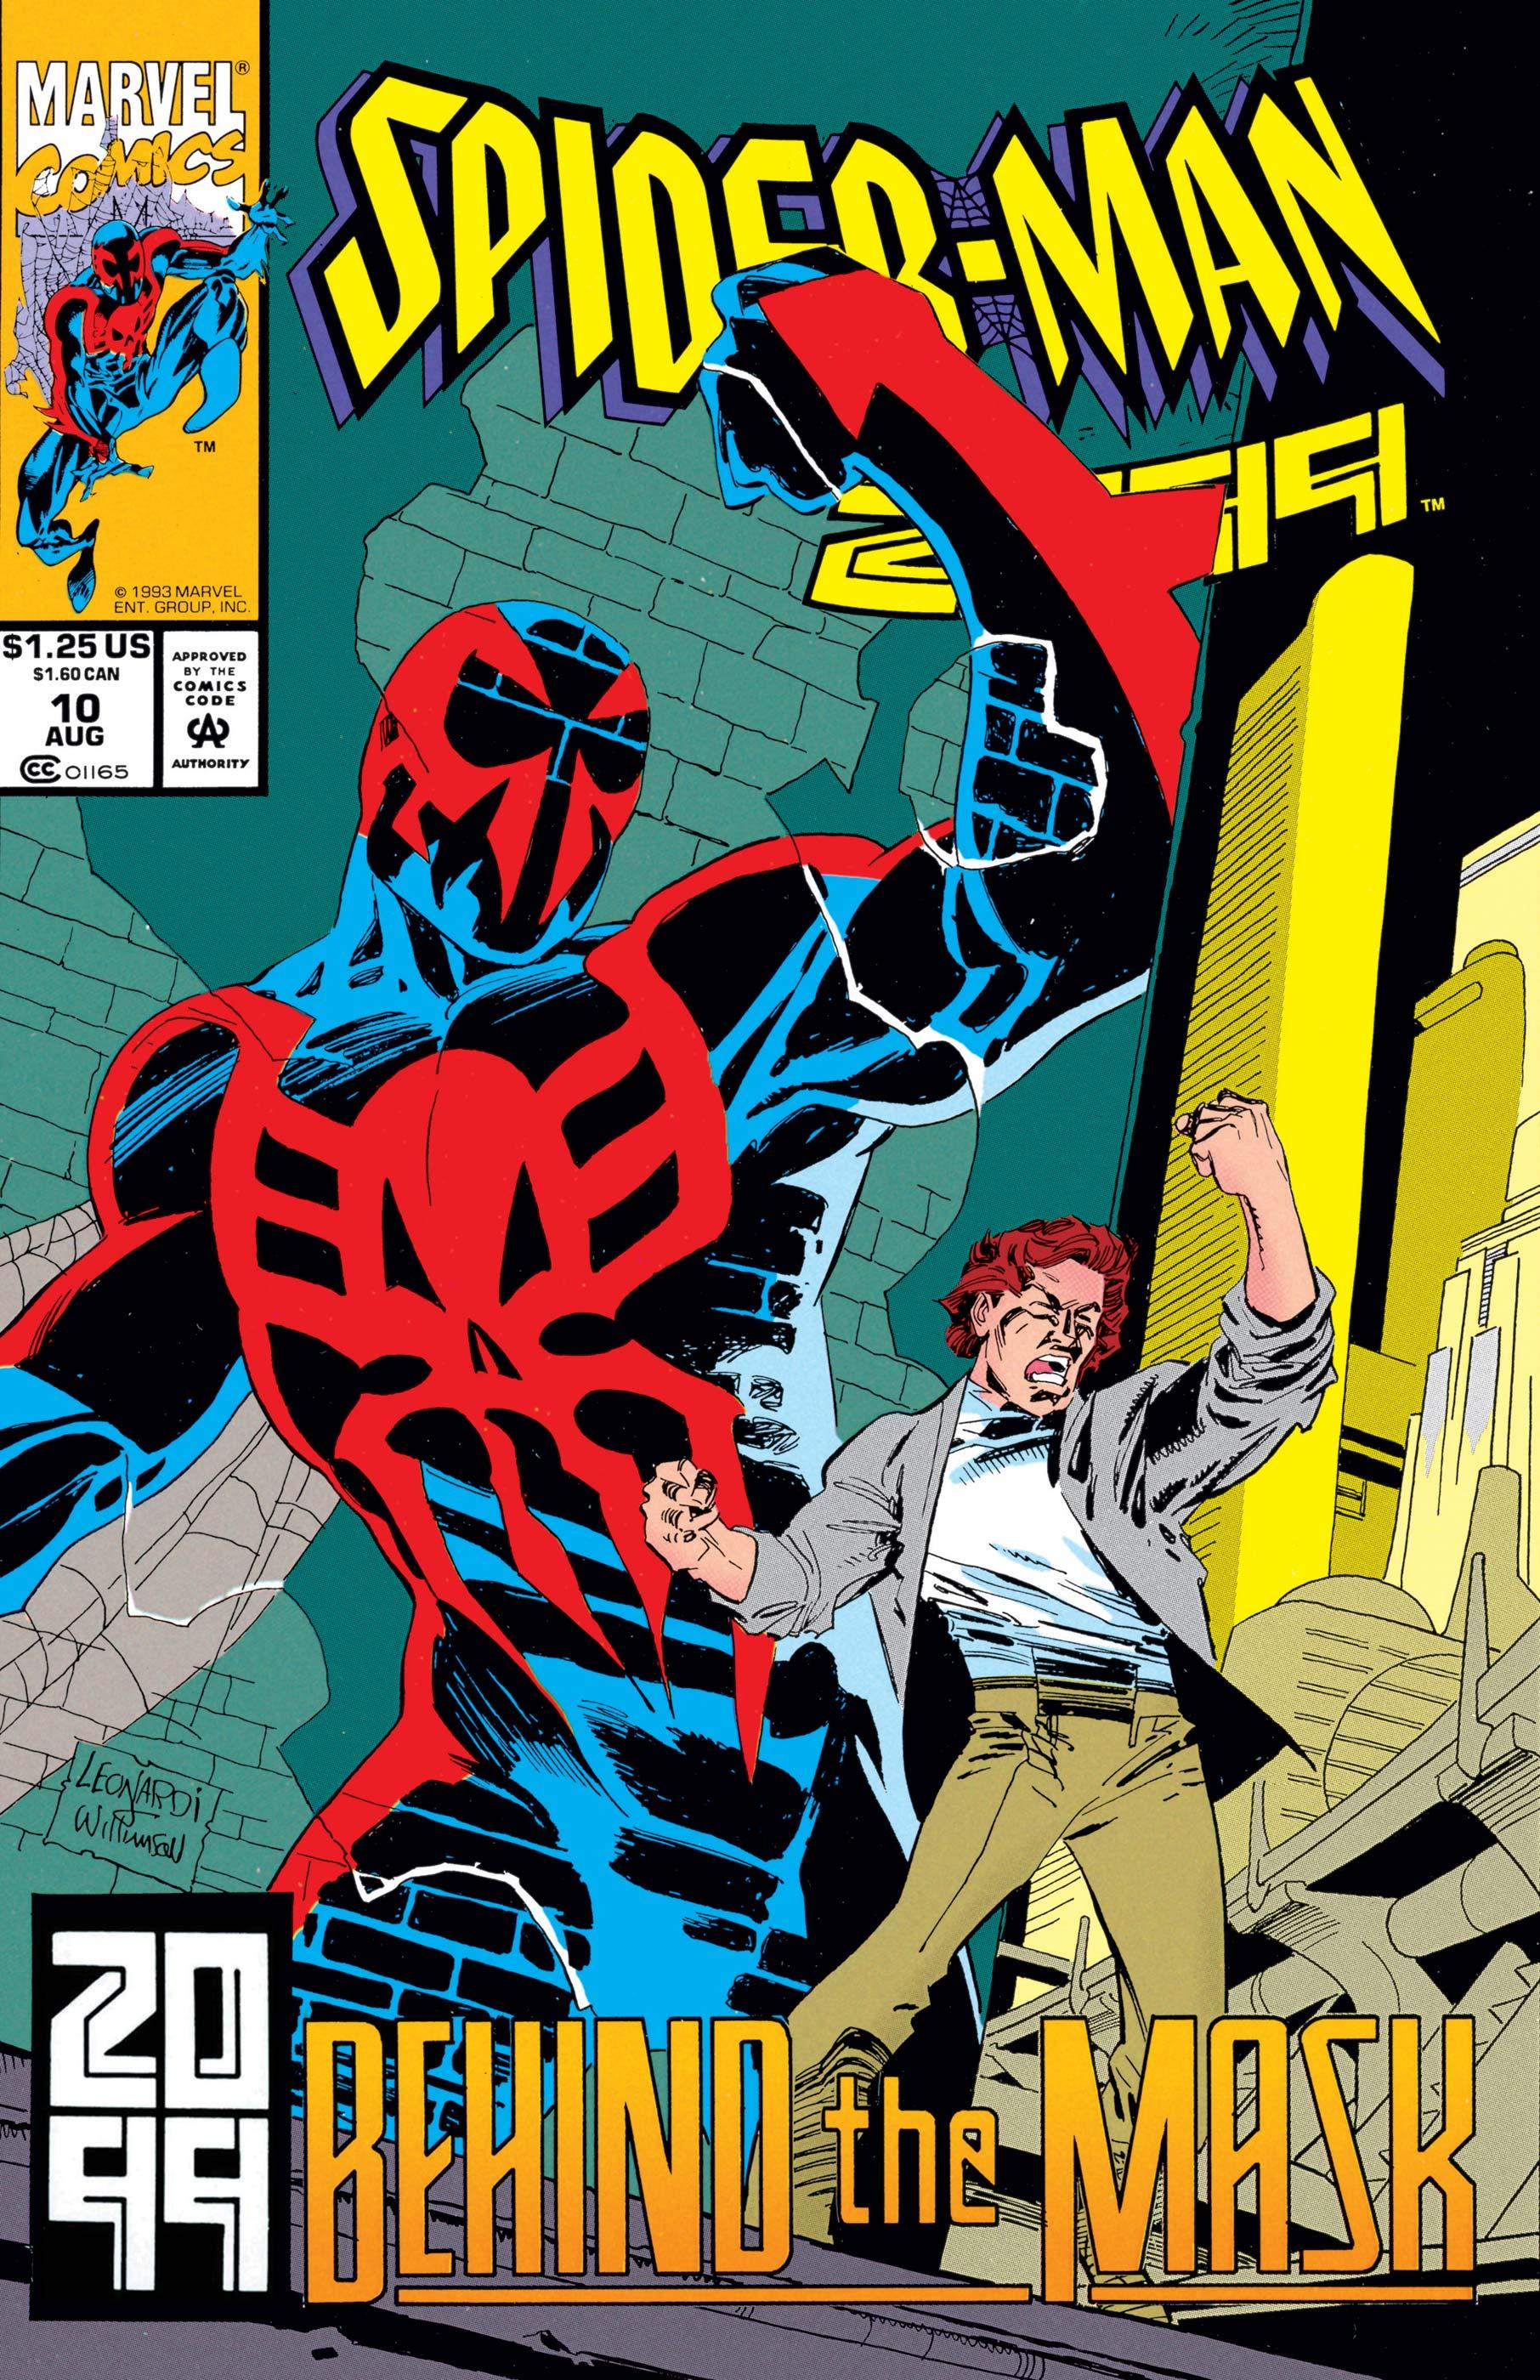 Spider-Man 2099 (1992) #10